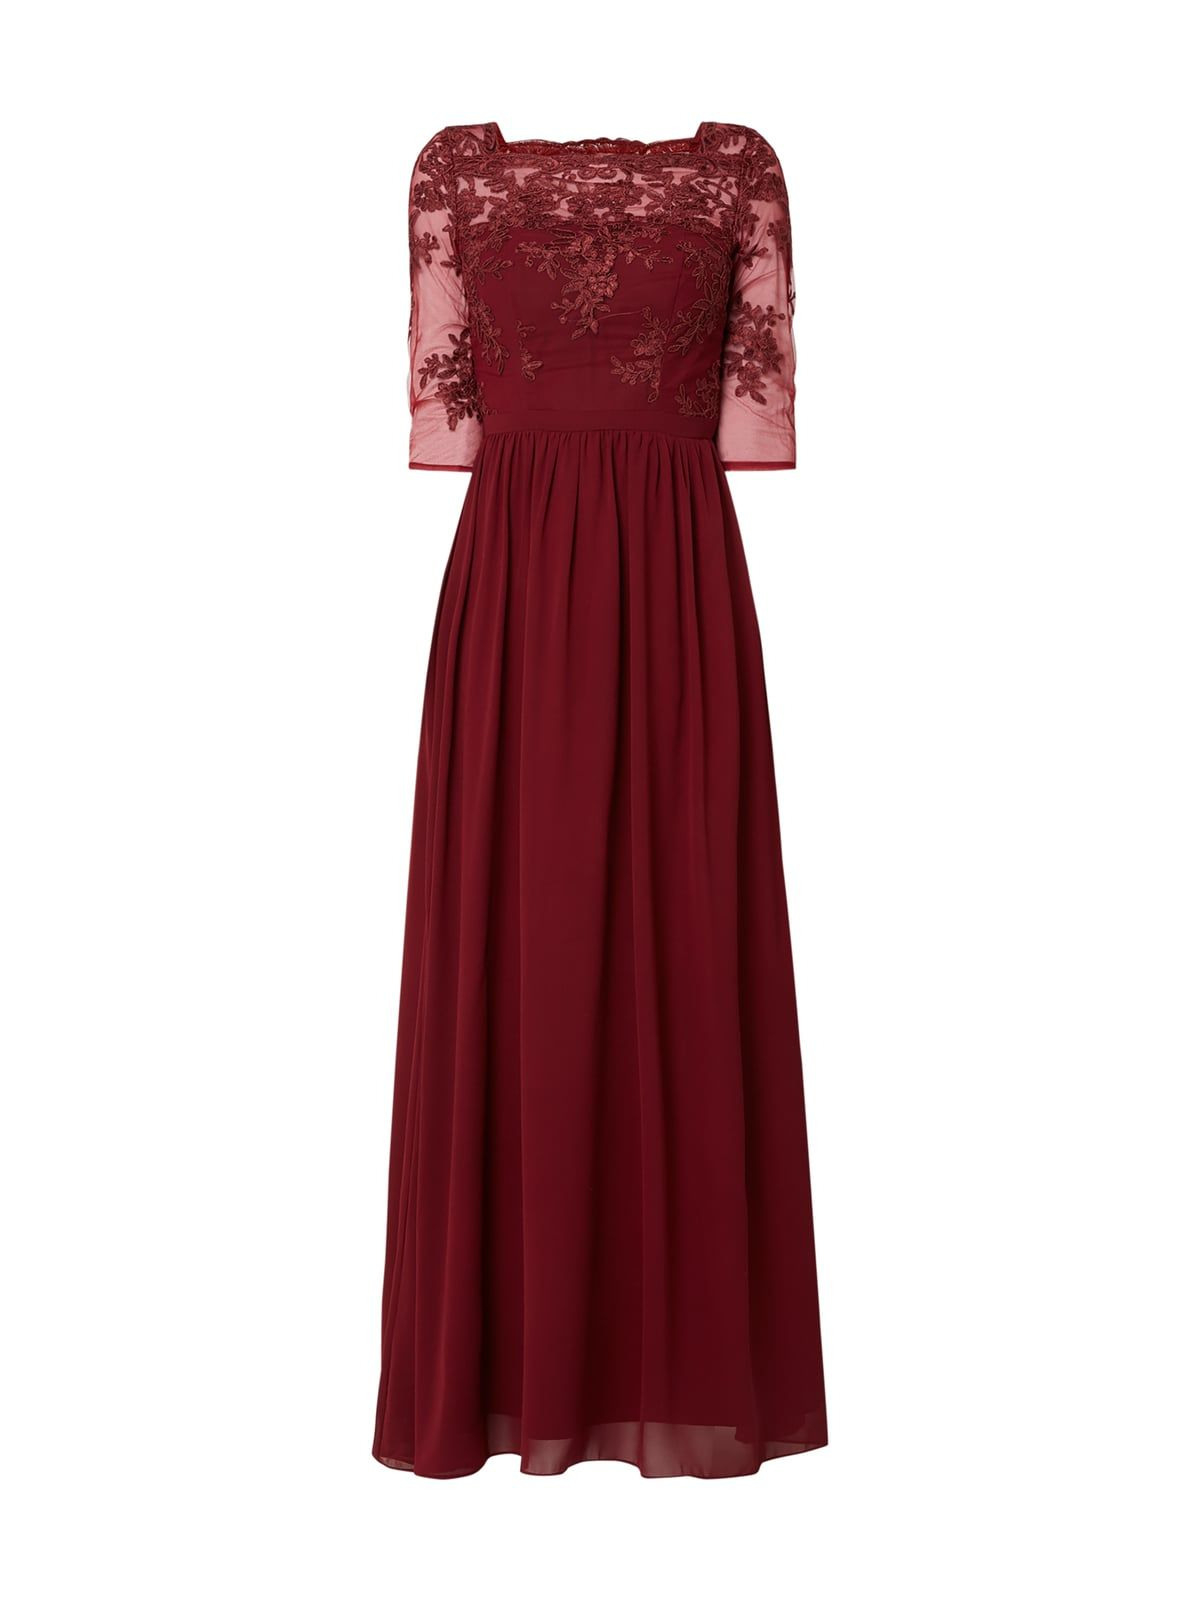 Formal Luxurius P&C Abendkleider Lang Boutique15 Ausgezeichnet P&C Abendkleider Lang Design